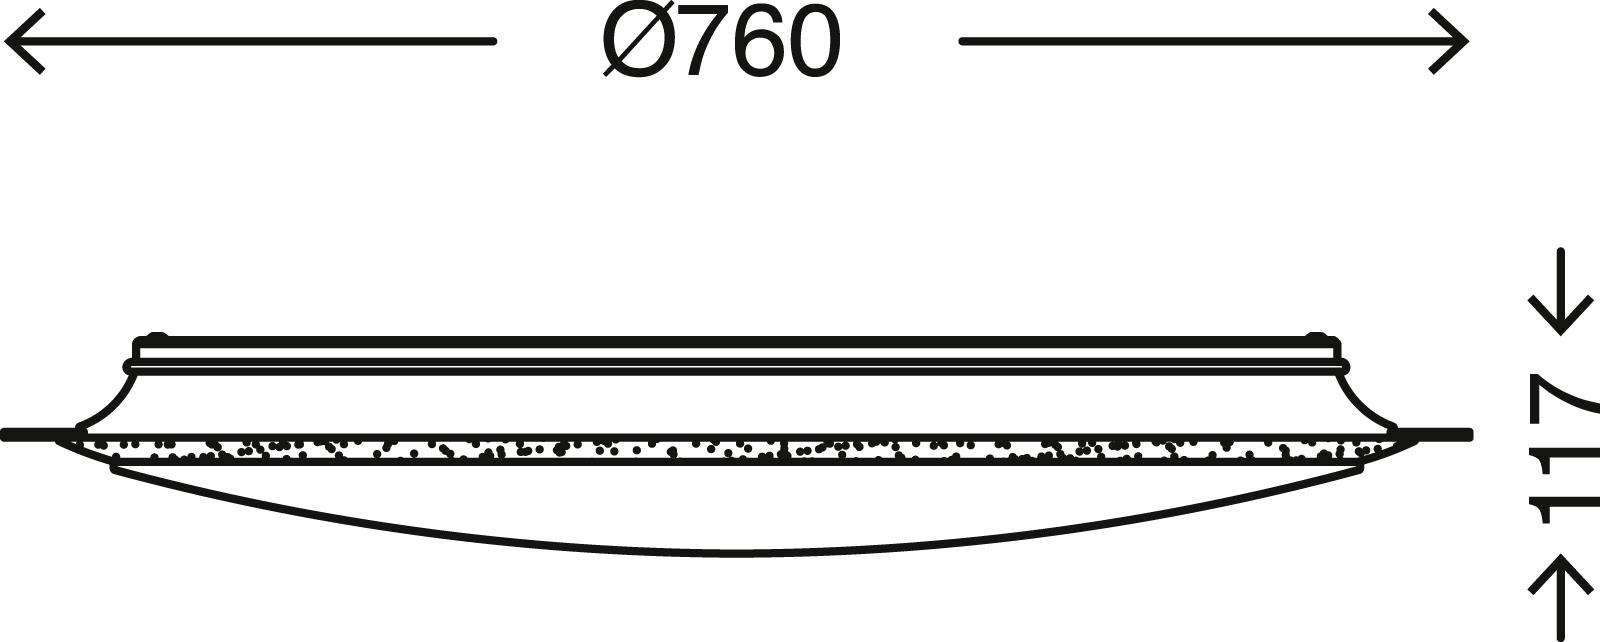 STERNENHIMMEL LED Deckenleuchte, Ø 76 cm, 80 W, Weiß-Titan